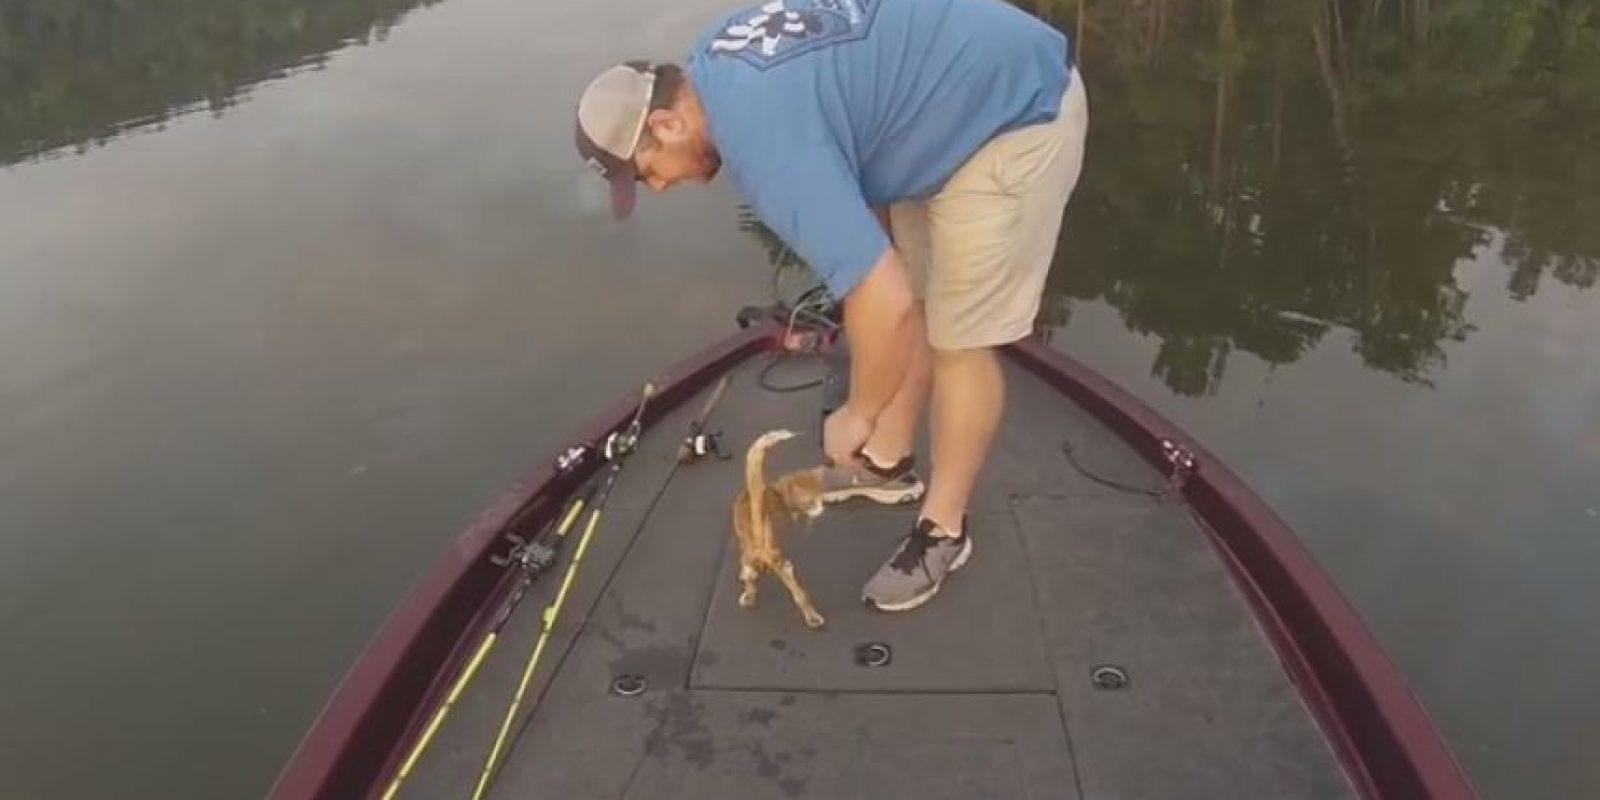 El video ha alcanzado más de un millón de visitas. Foto:Vía Youtube Alabama Adventures